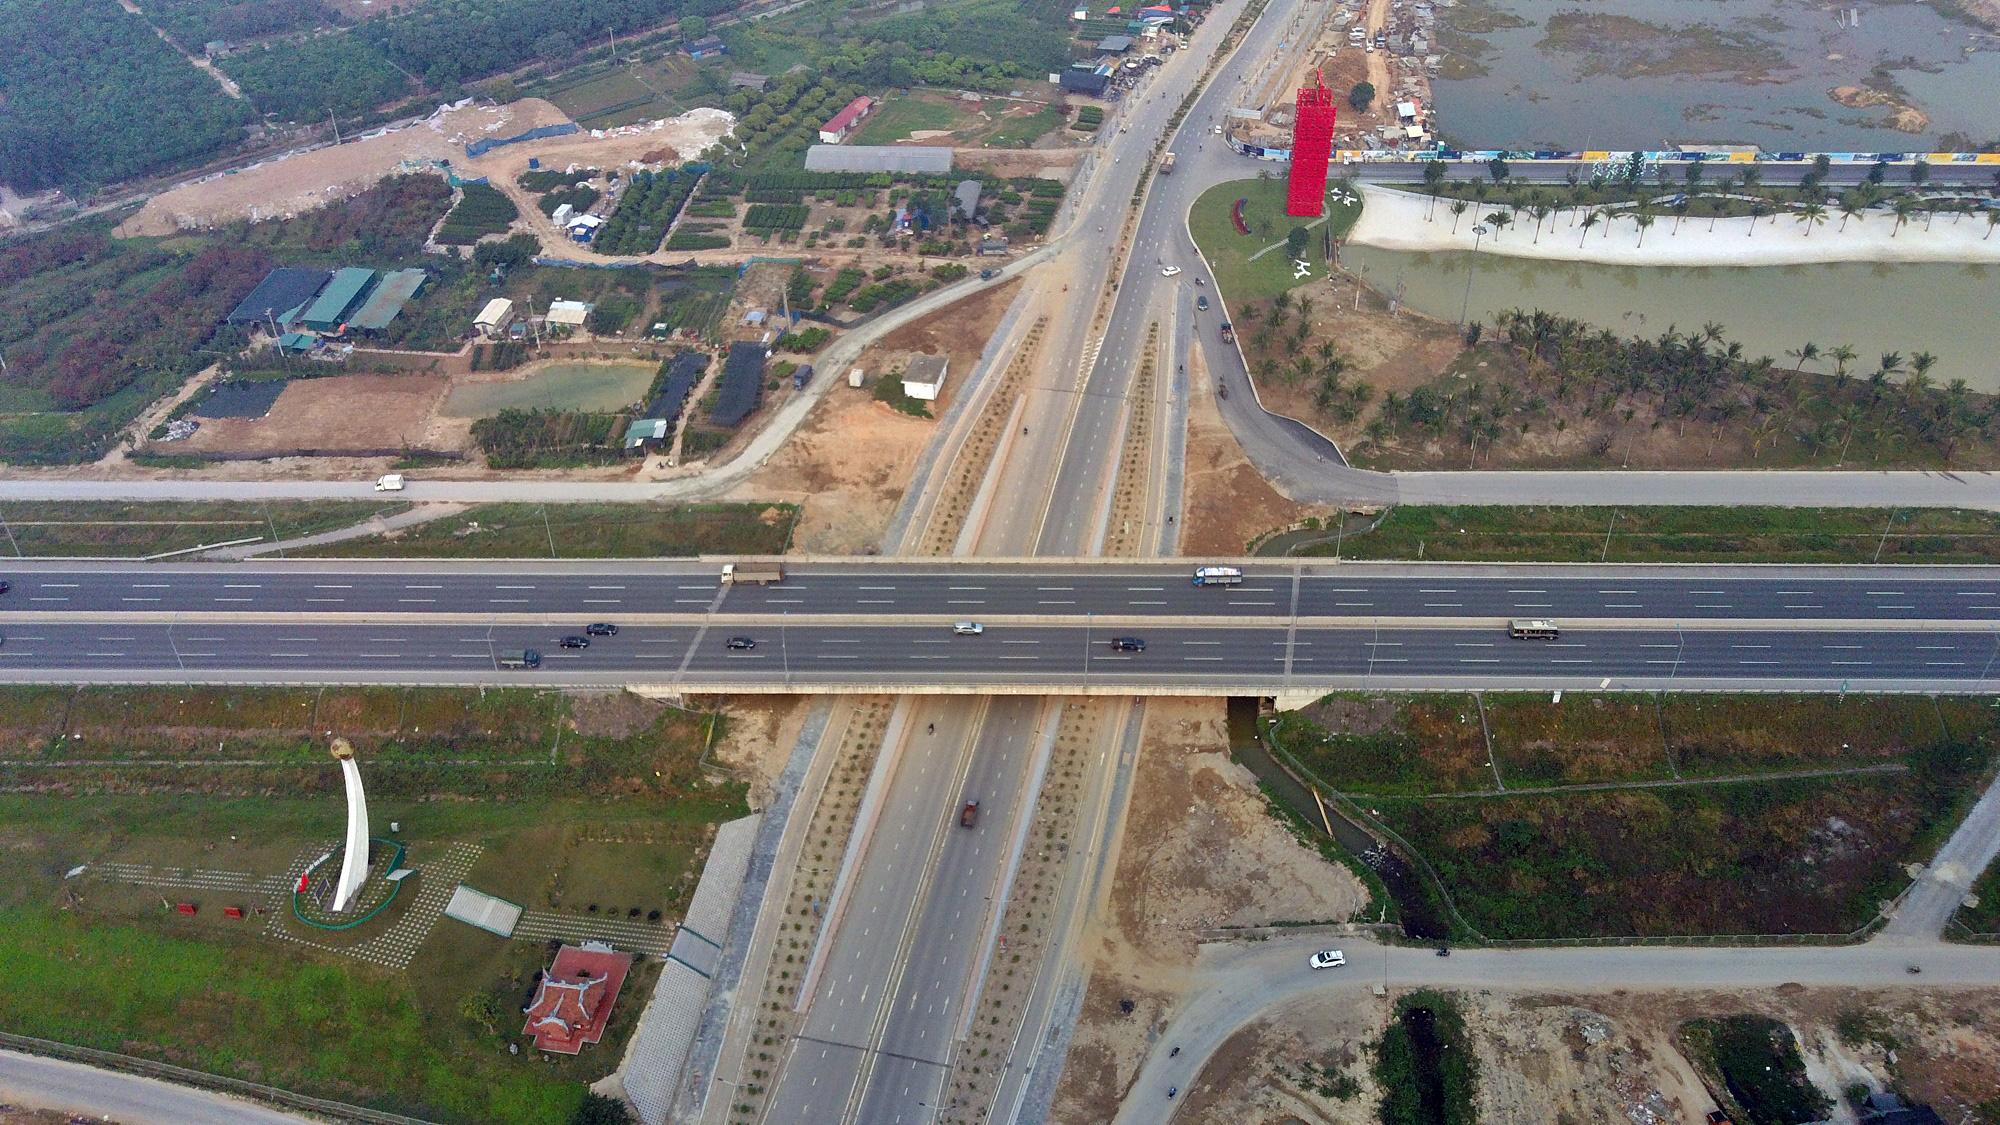 Chuẩn bị lên quận, hạ tầng giao thông huyện Gia Lâm đang thay đổi 'chóng mặt' - Ảnh 12.